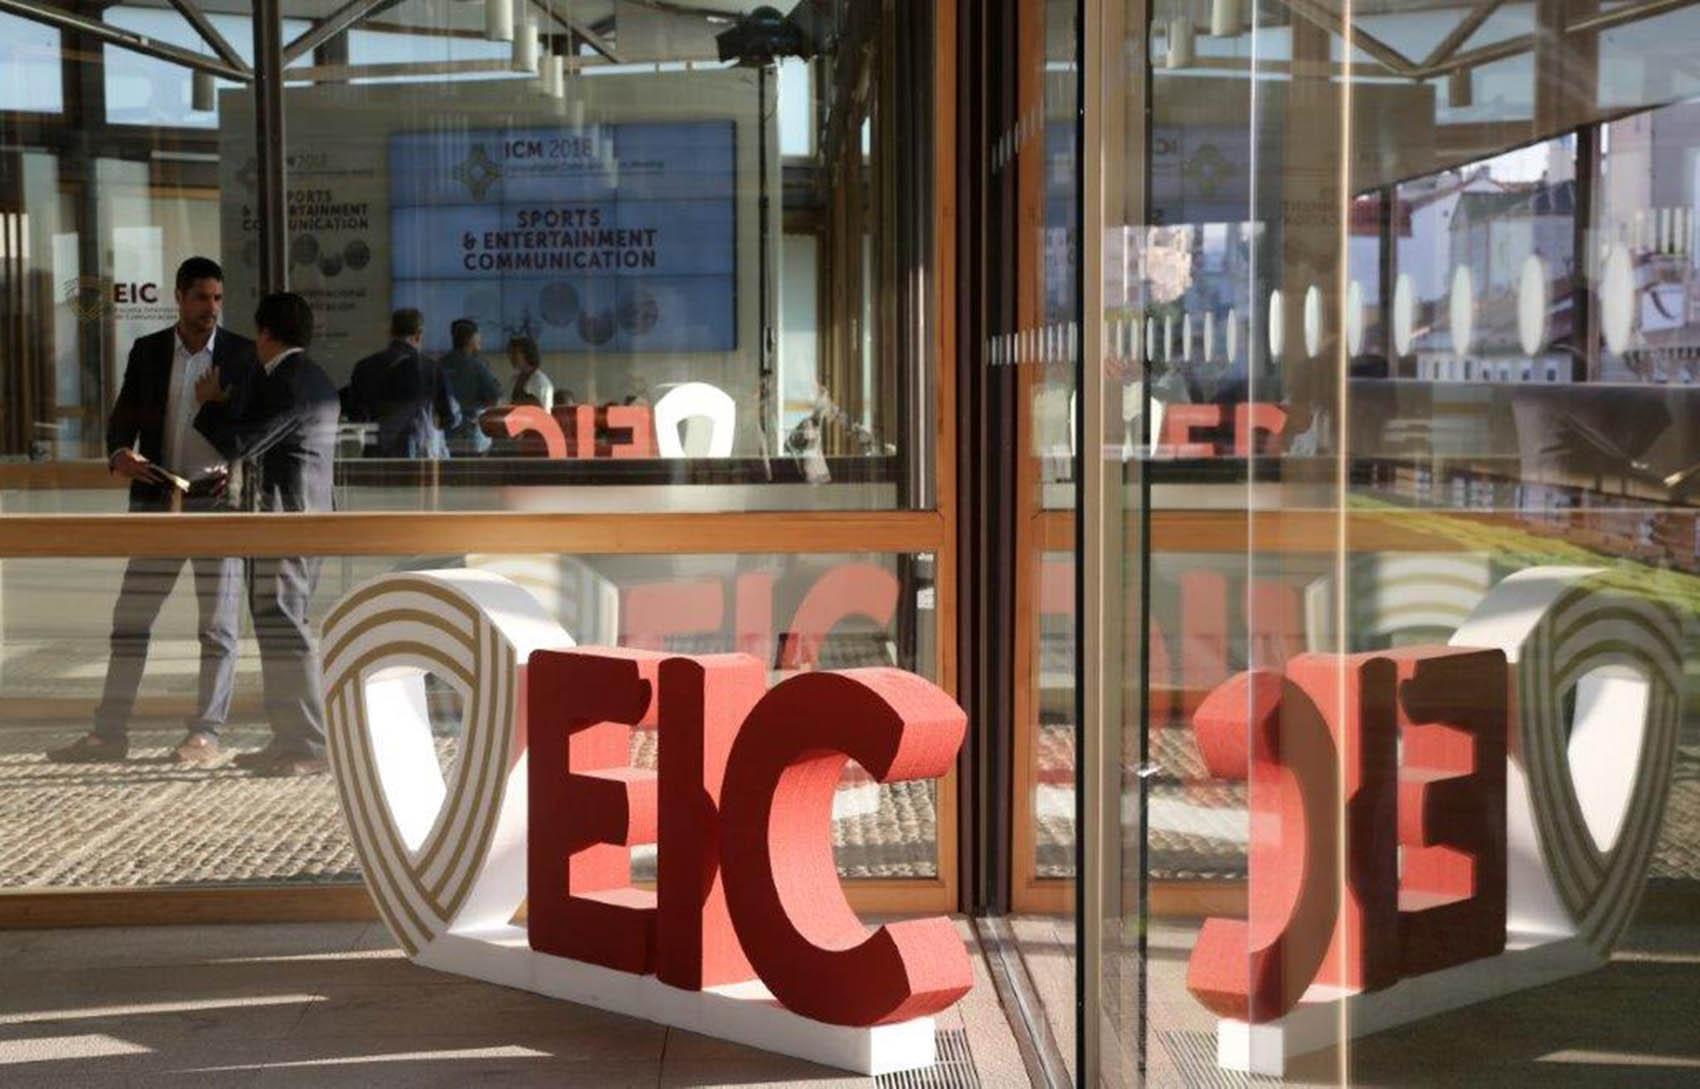 EIC - Escuela Internacional de Comunicación